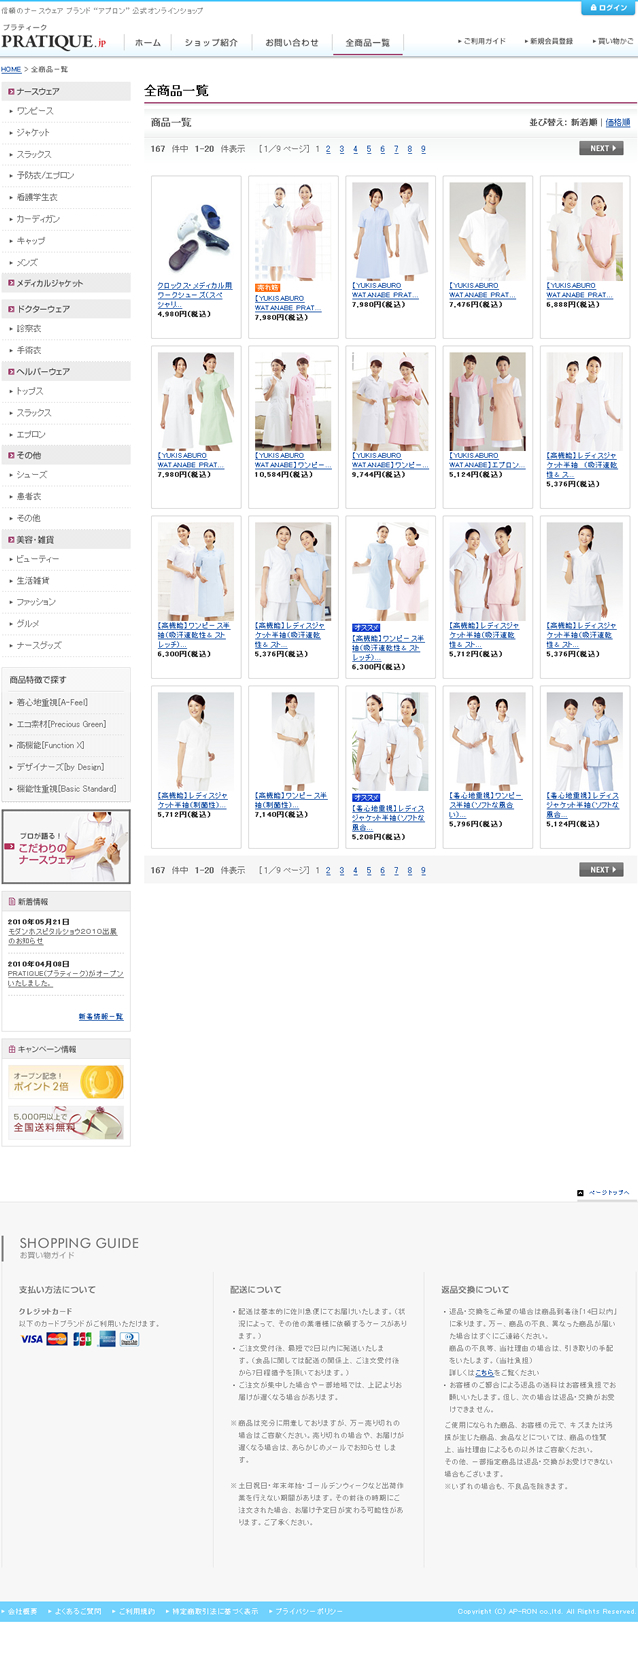 活鱼设计工作室——日本医疗机构服饰设计制作公司的网站(株式会社アプロンワールド)商品列表页面